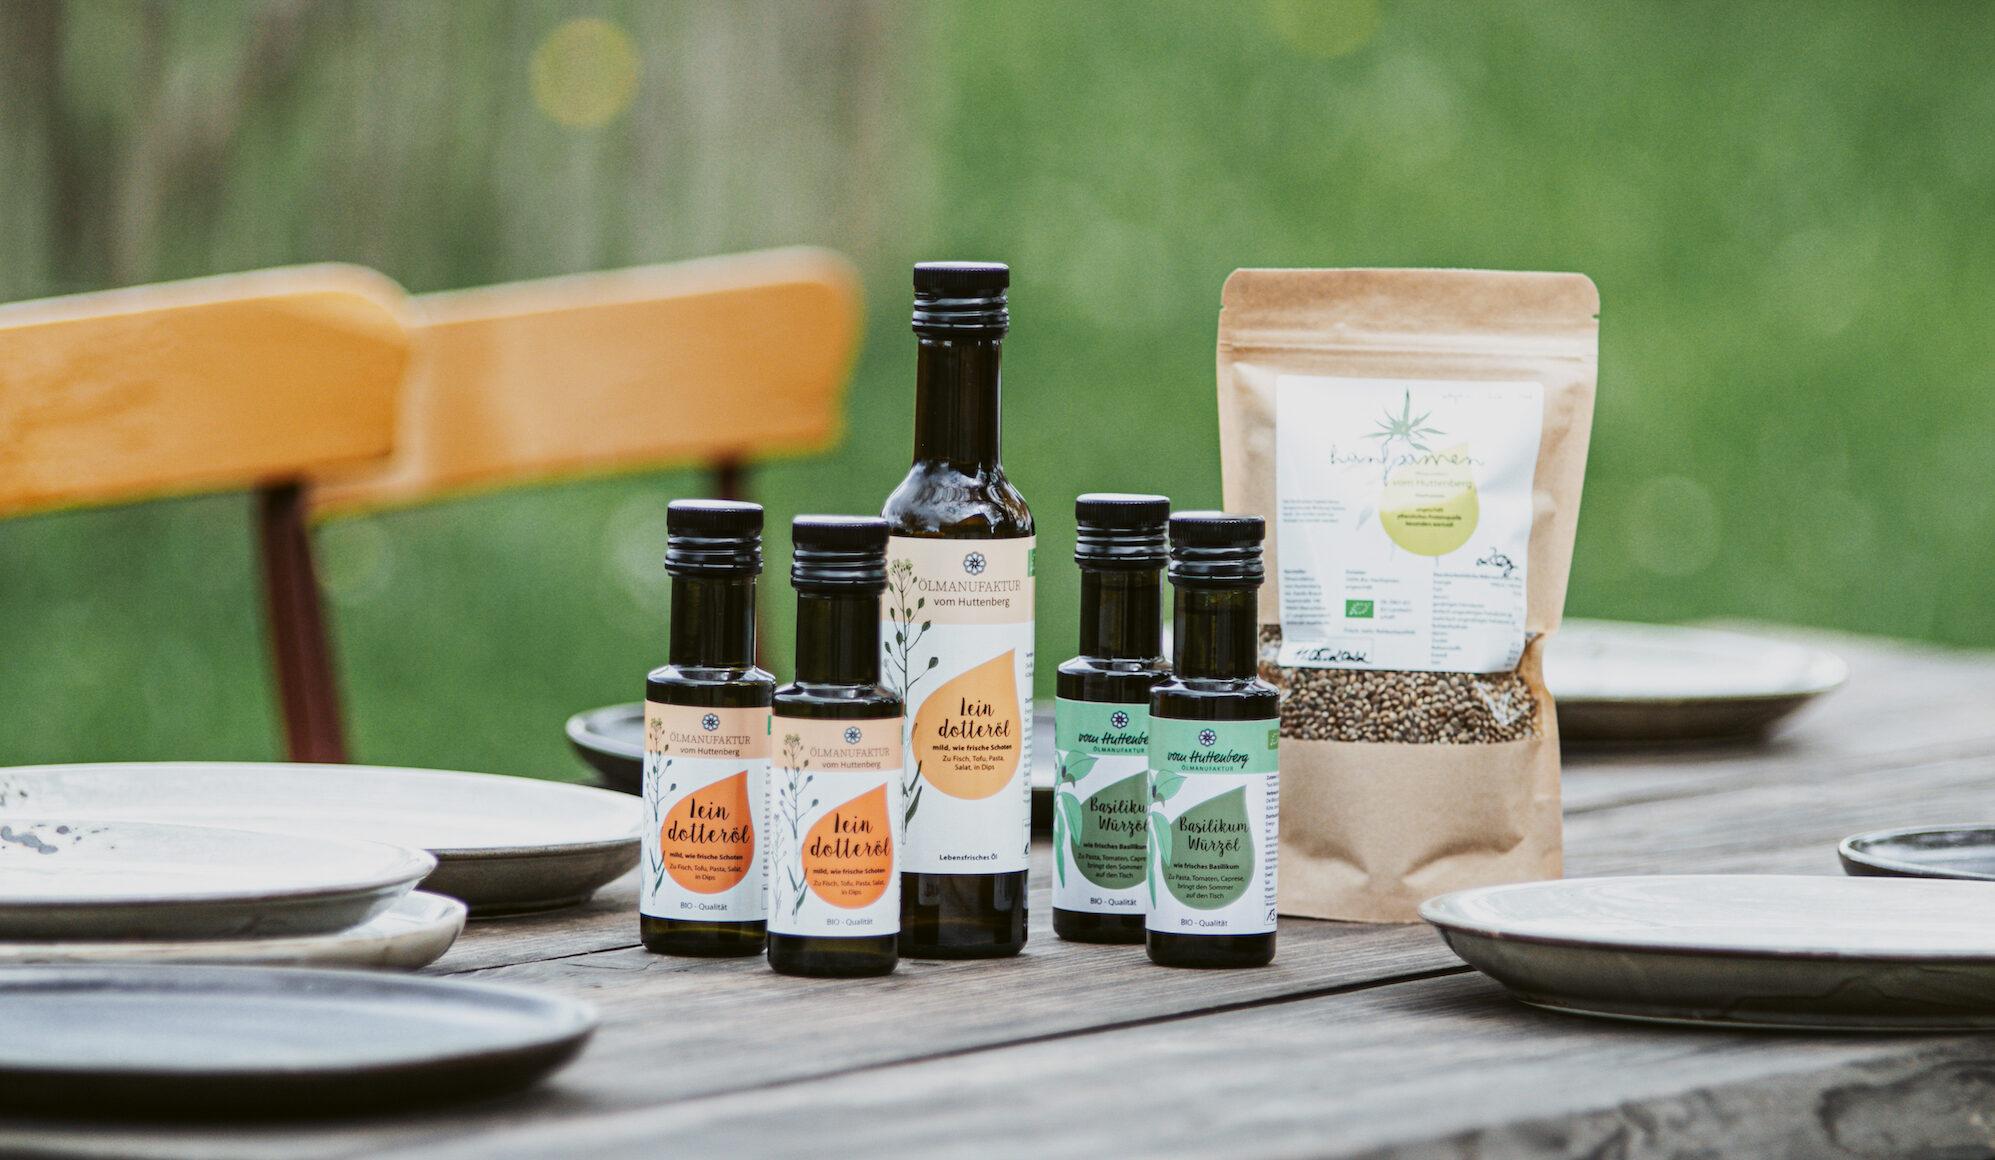 Auswahl an Bioprodukten auf gedecktem Tisch